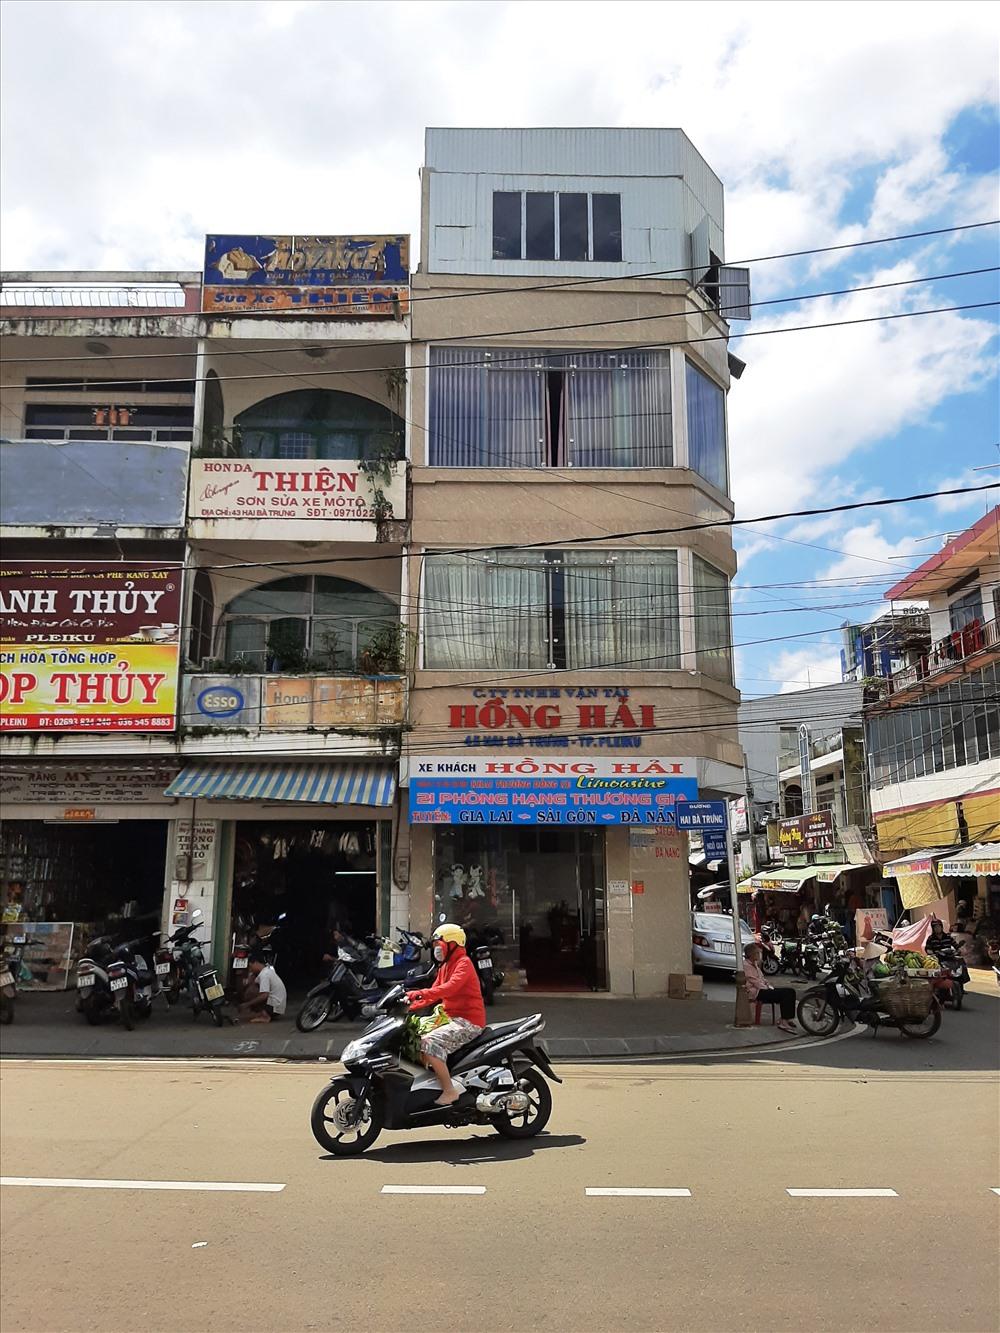 Công ty TNHH Vận tải Hồng Hải ký 4 hợp đồng lao động đối với nhân viên chưa đúng quy định. Ảnh Đình Văn